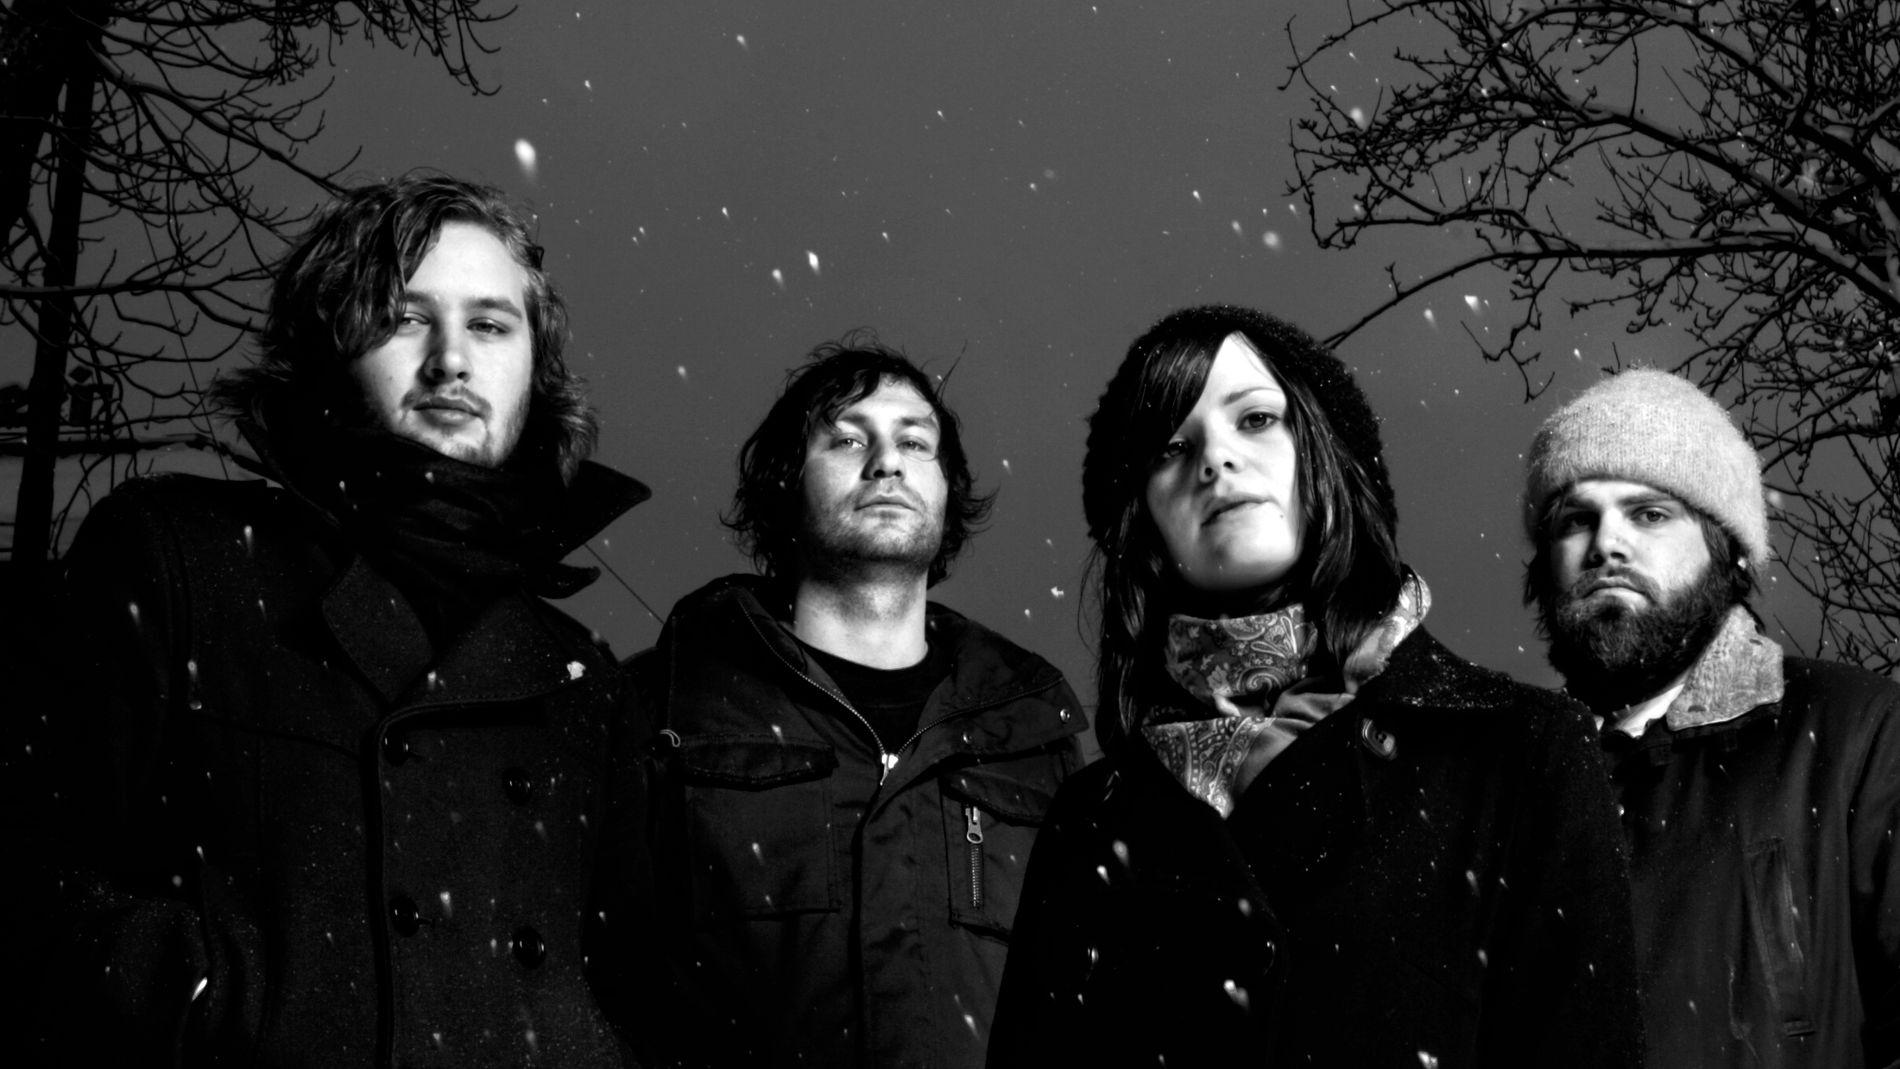 «The Megaphonic Thrift» sllipper oppfølgeren til kritikerroste «Decay Decoy»  i Norge 3. februar